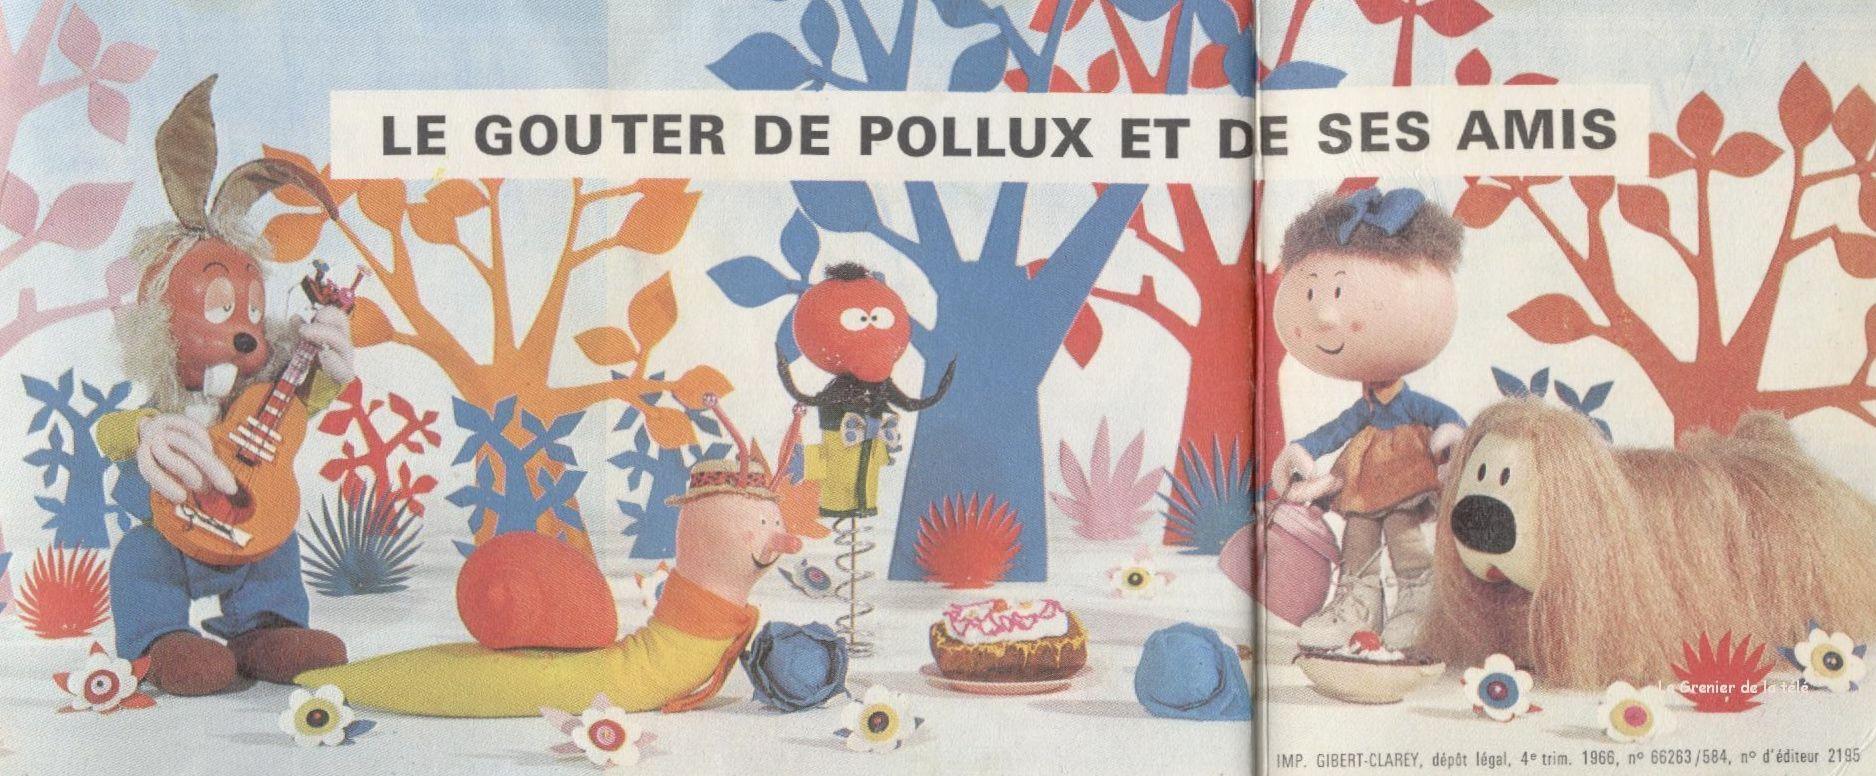 http://grenierdelatv.free.fr/pollux12.jpg